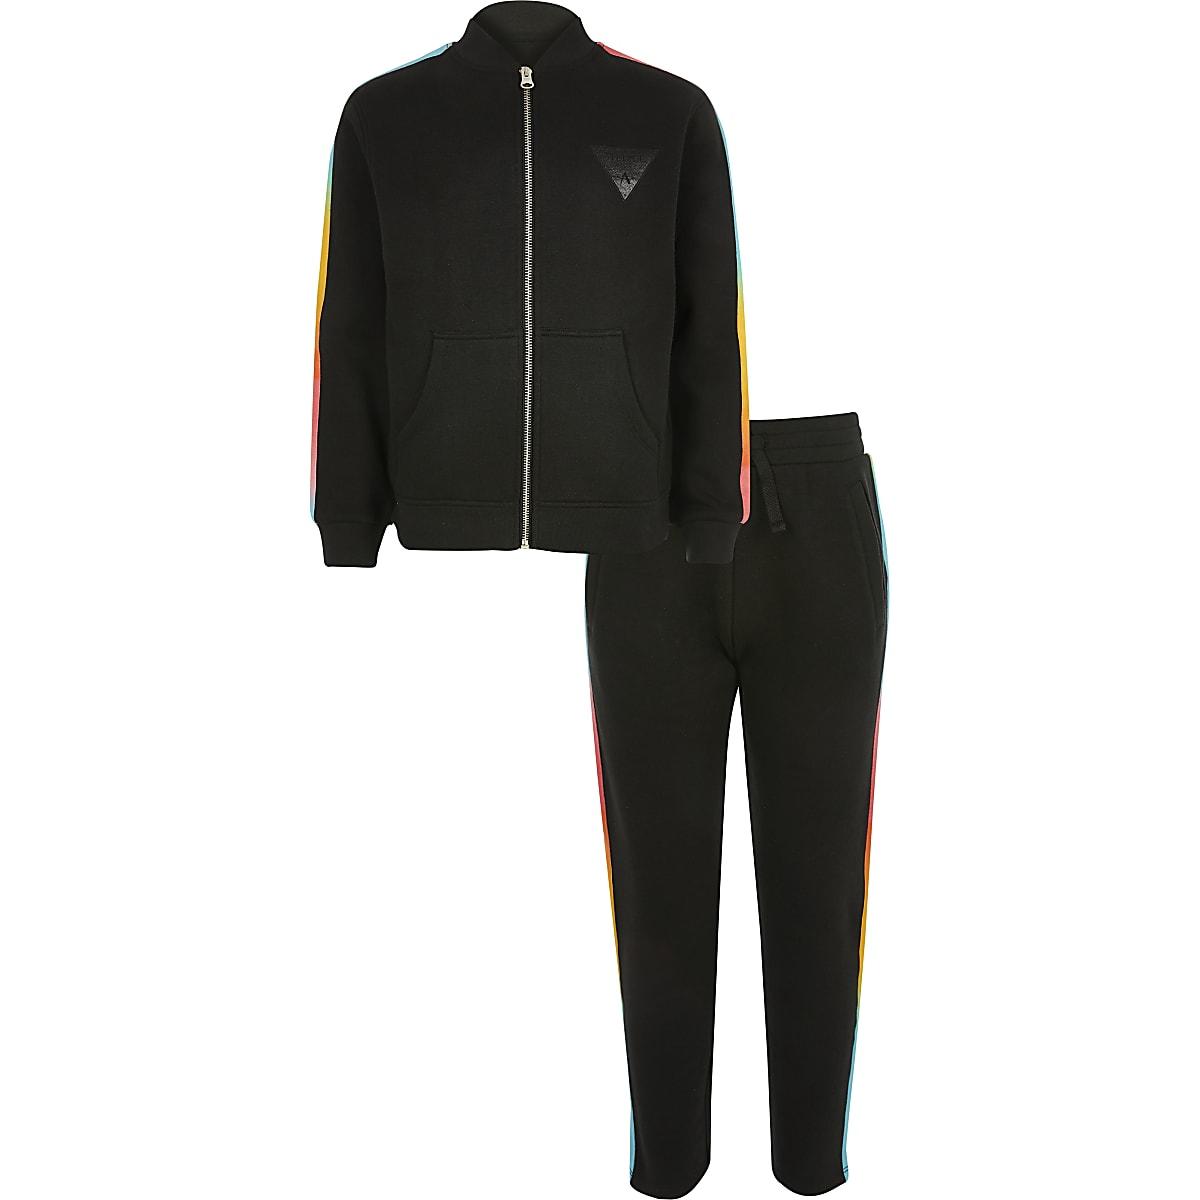 Boys black rainbow track outfit